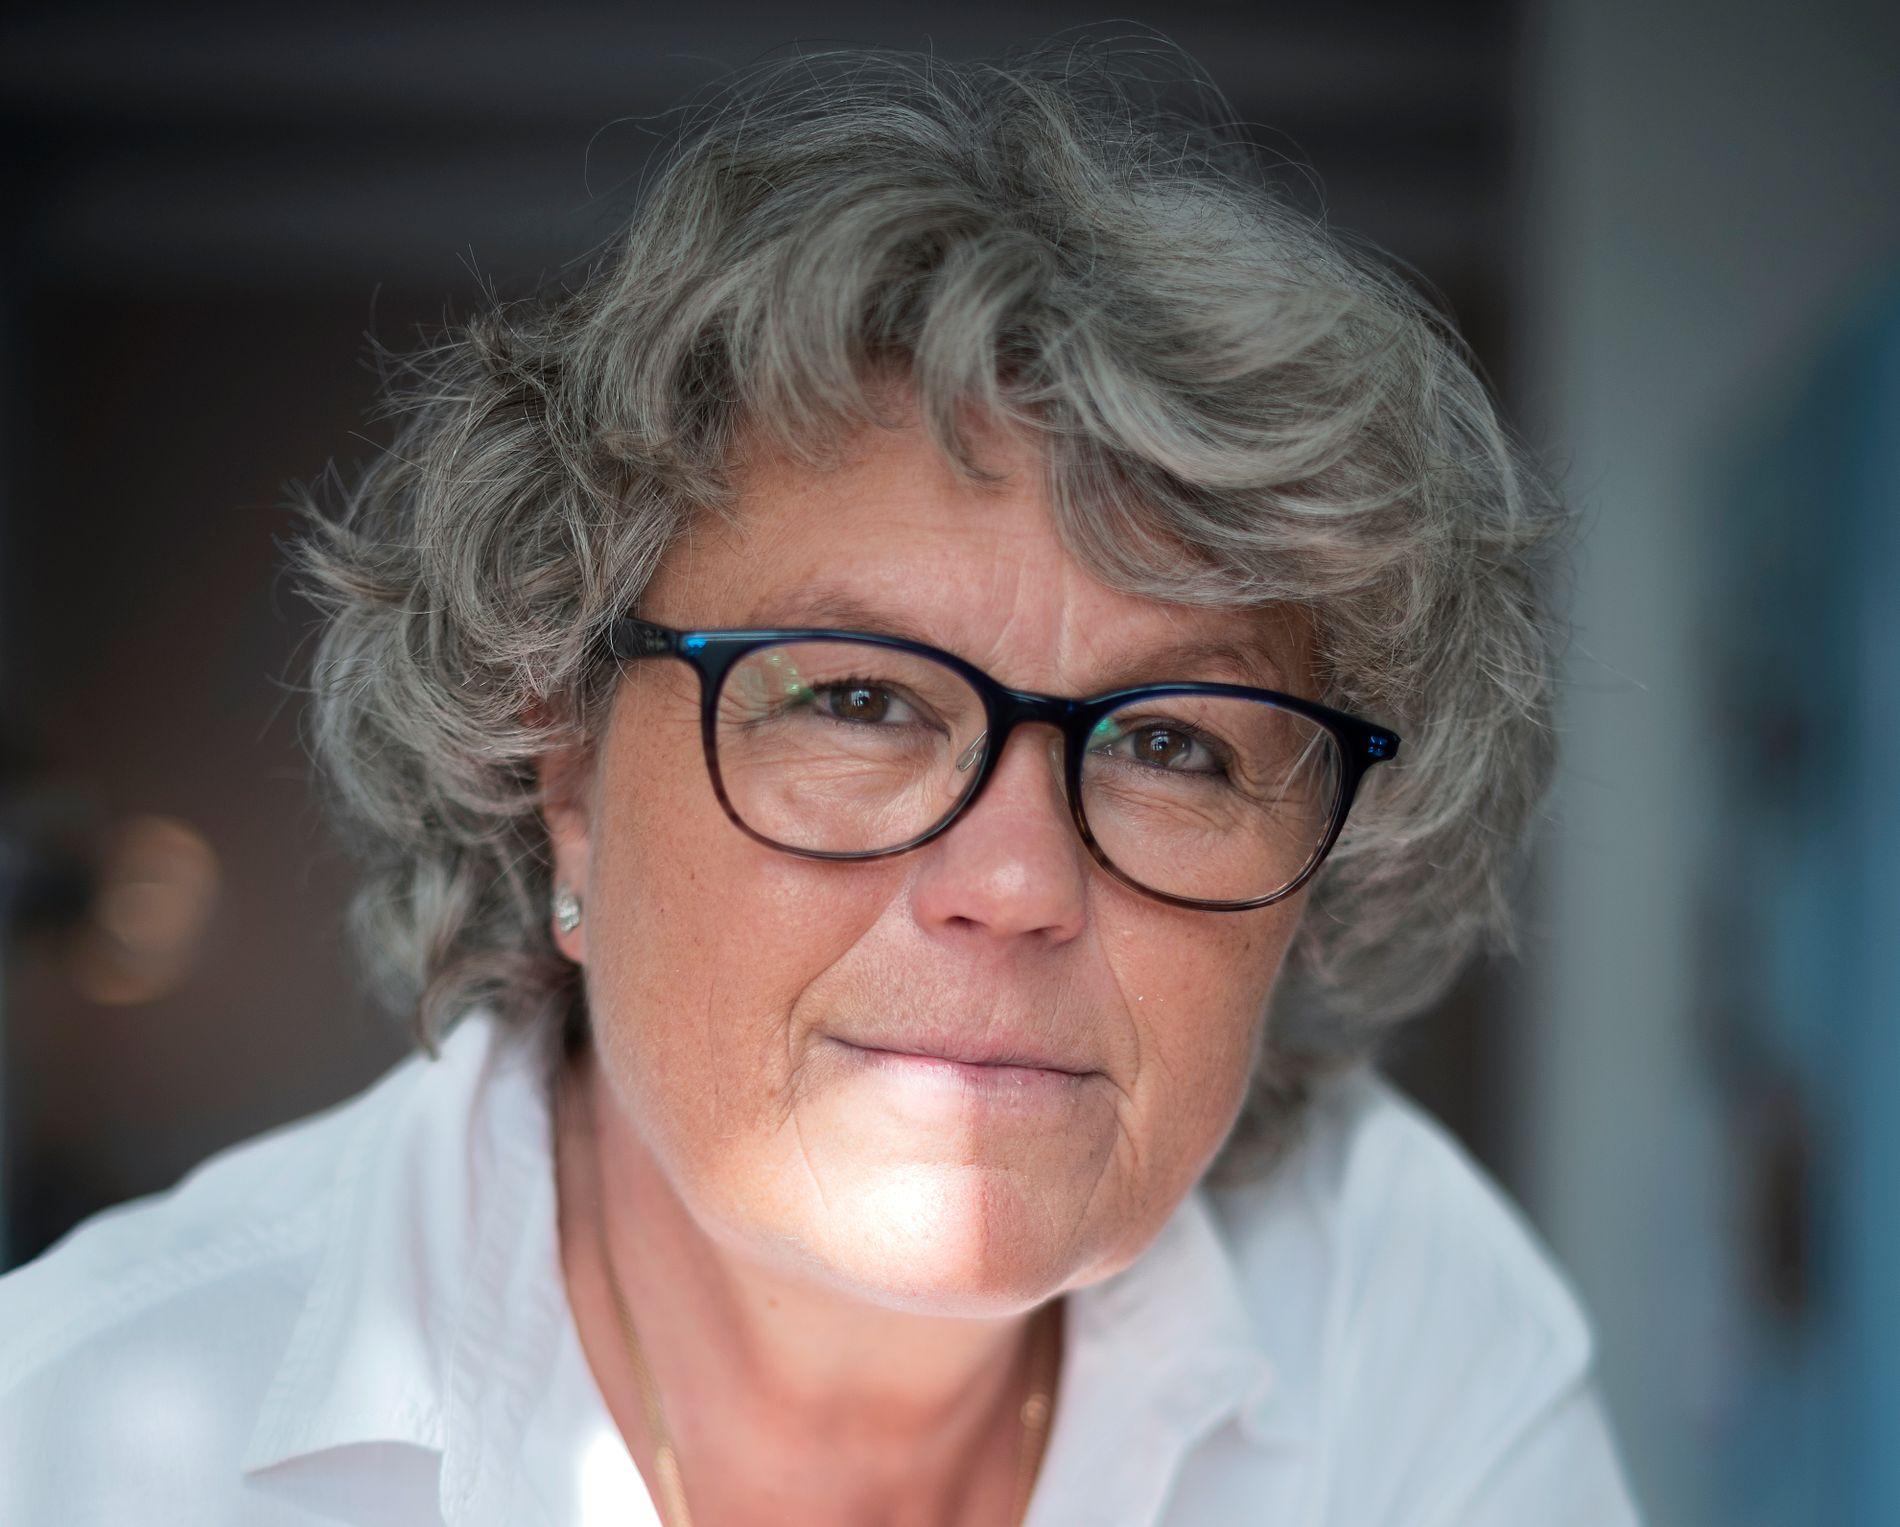 NY HELT: Anne Holt er klar med ny krim, ny helt - på nytt forlag. «En grav for to» er hennes 23. bok og den første i en serie om Selma Falck - en krimhelt man ikke glemmer så lett.